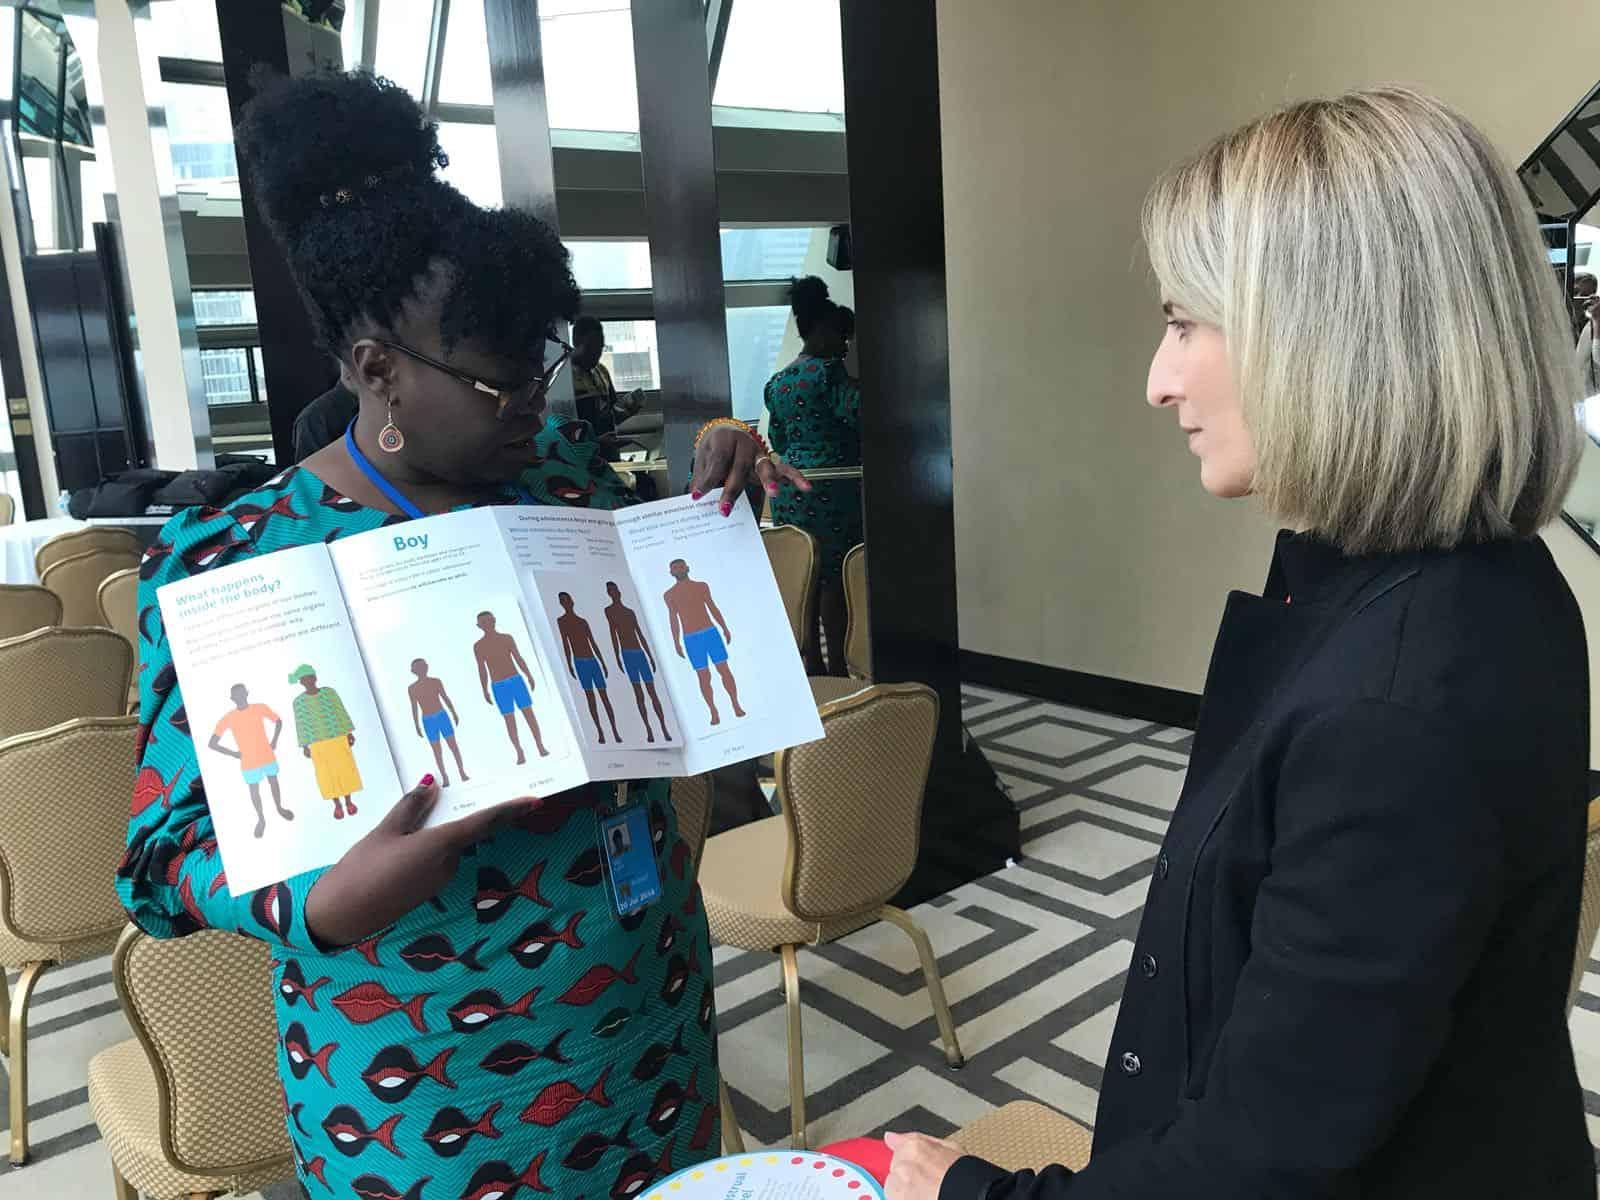 Als Jugendbotschafterin für UN-Kinderrechte und SDGs in New York 6